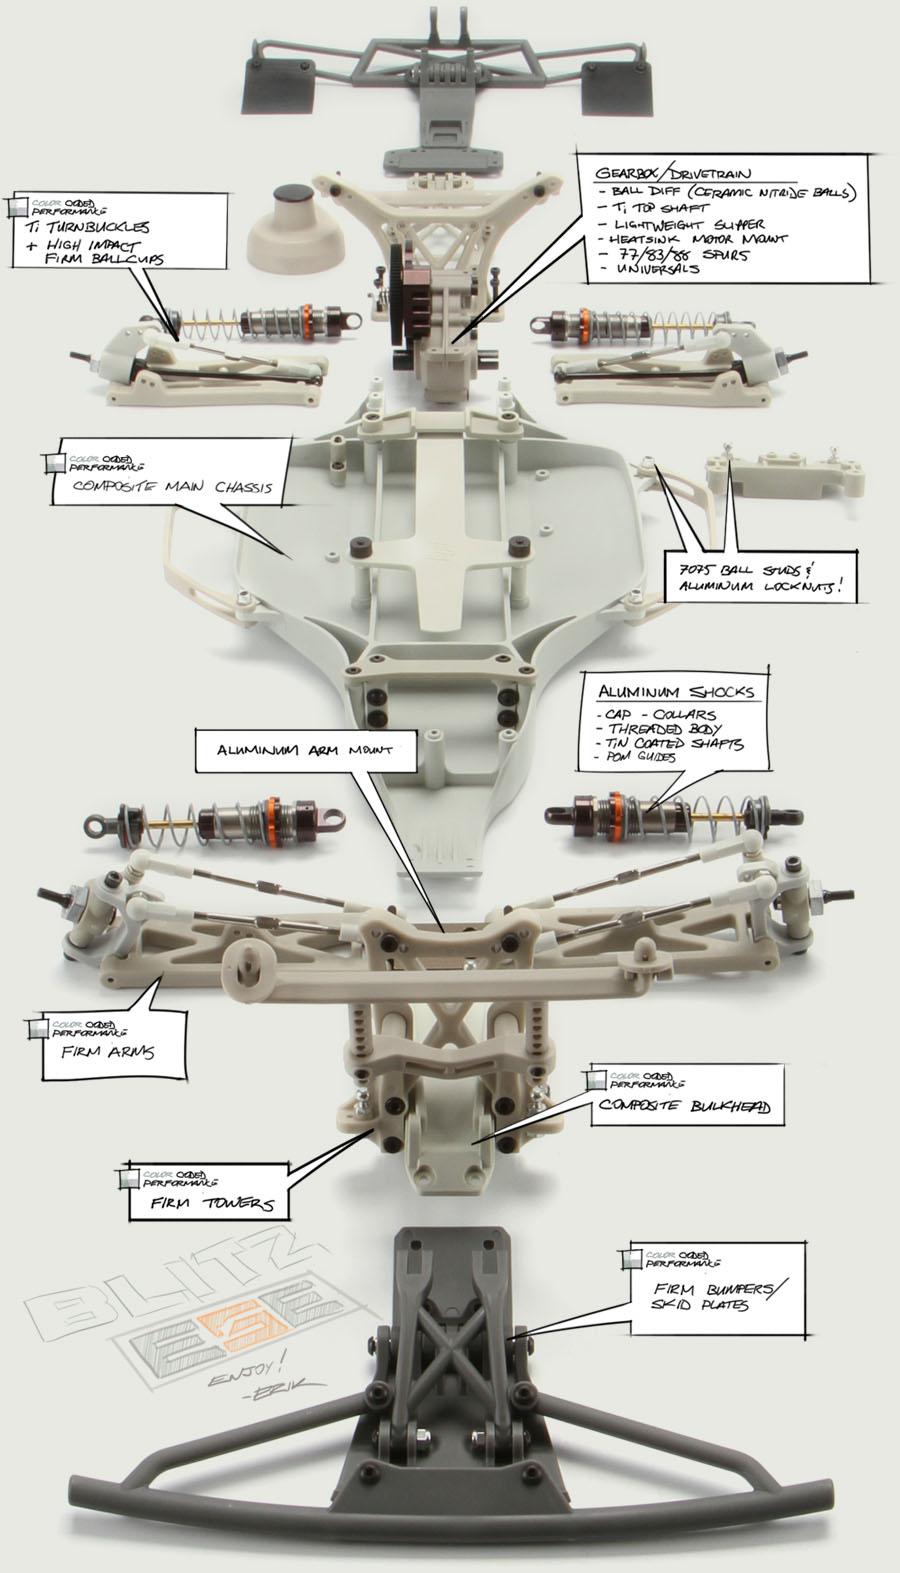 hight resolution of hpi blitz parts diagram wiring diagram schema hpi blitz parts manual hpi blitz parts diagram